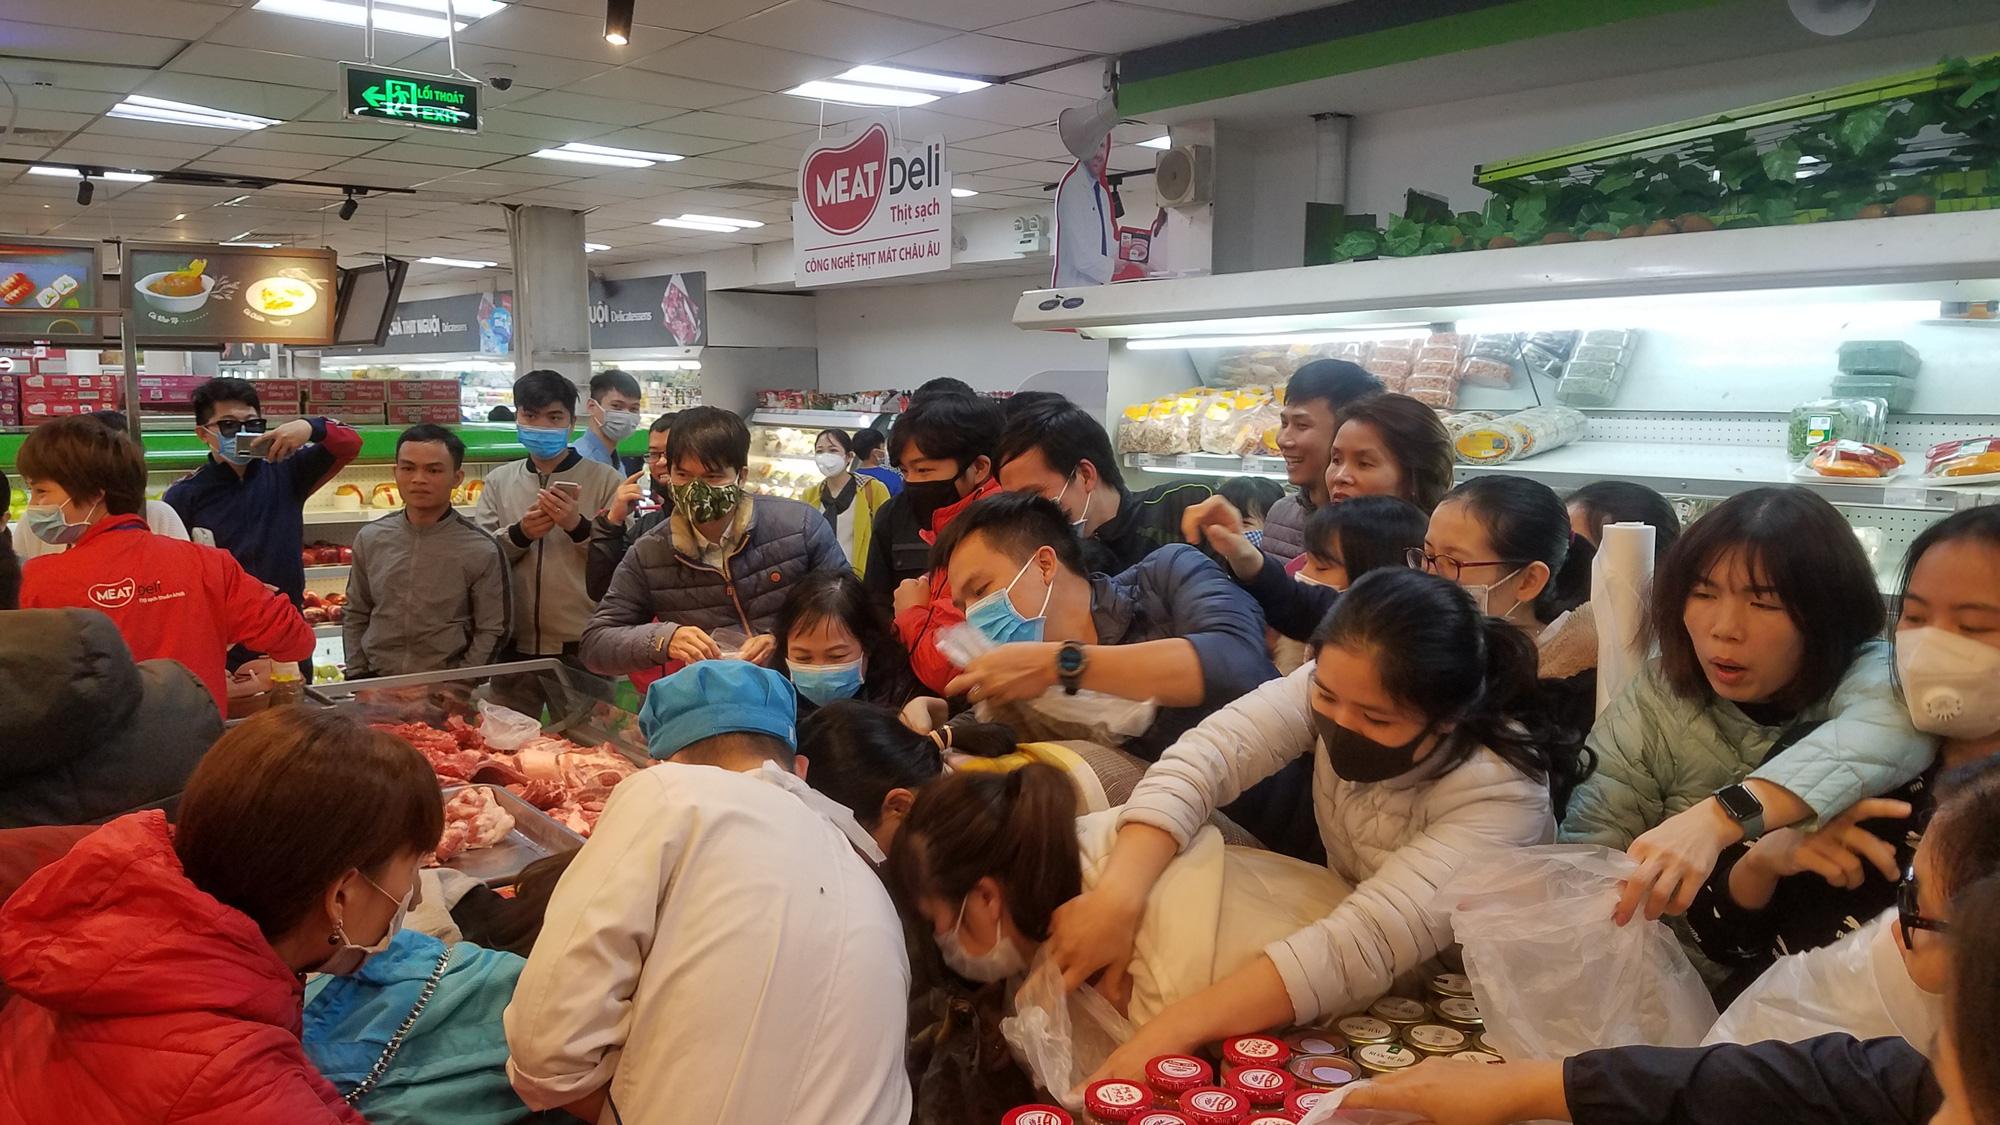 Hãi hùng cảnh tượng người Hà Nội chen lấn, giành giật để mua tôm hùm giảm giá - Ảnh 3.